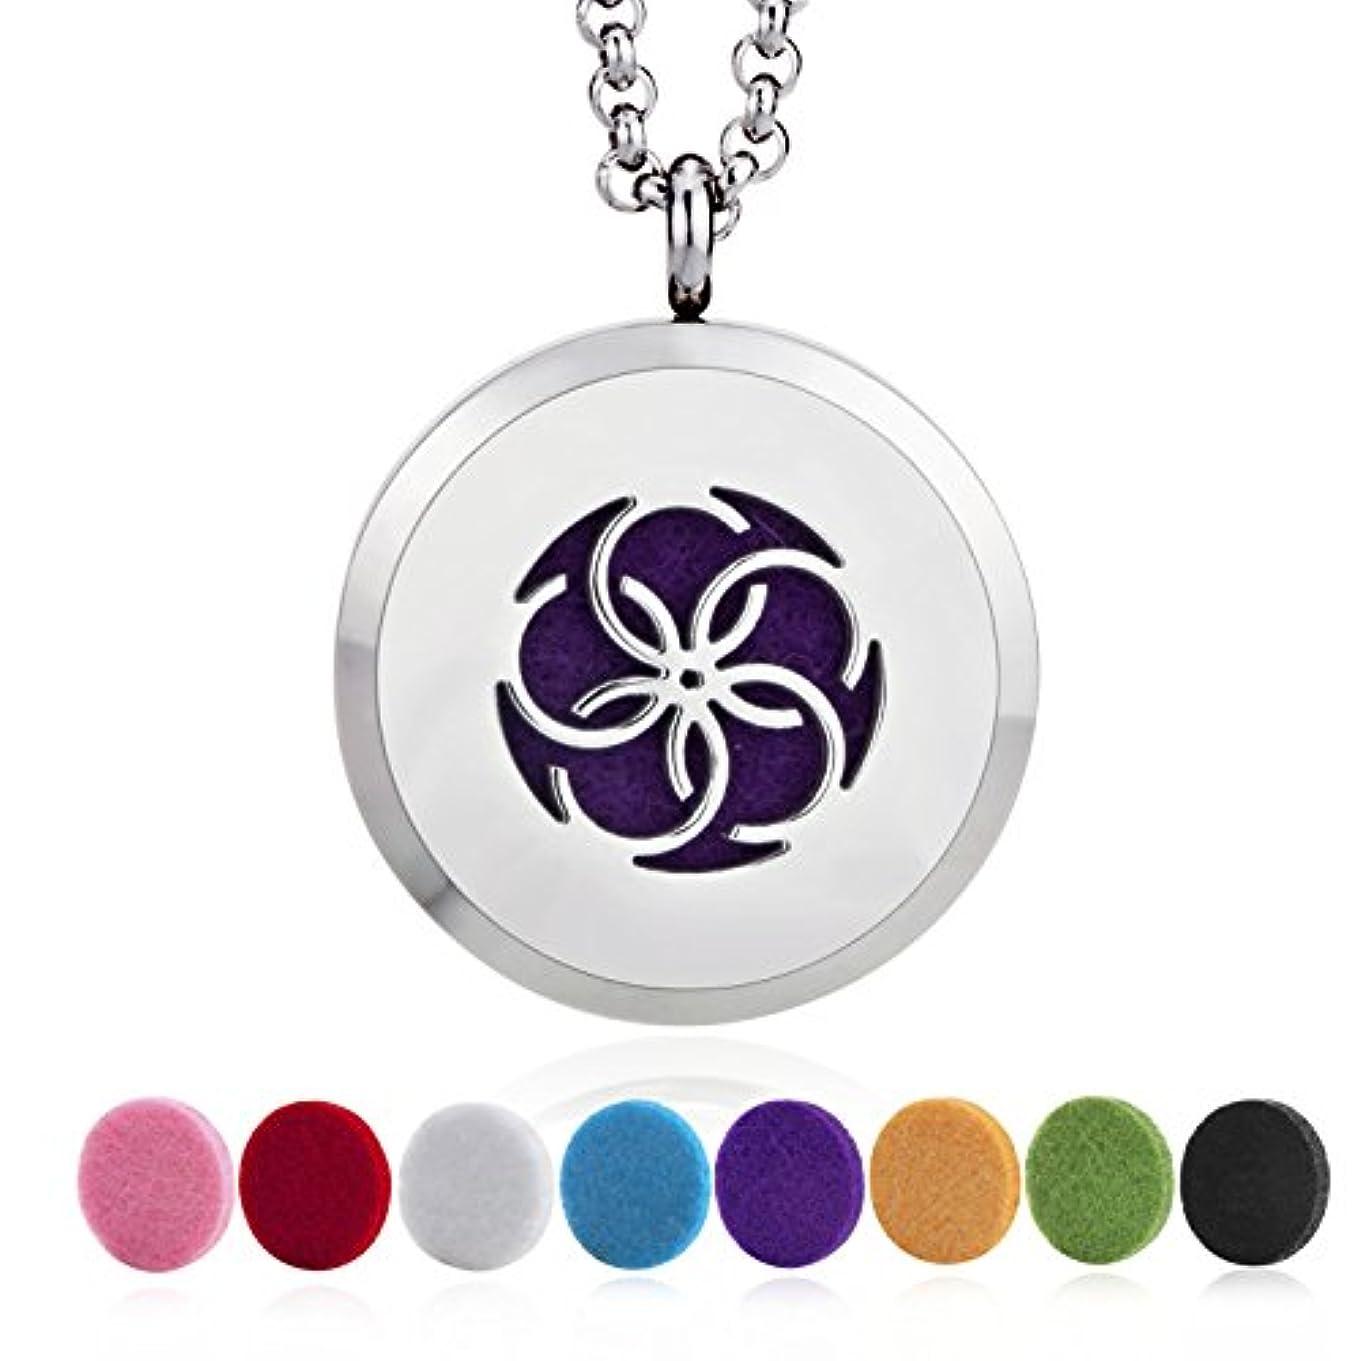 肥沃な費やすシャワーAromatherapy Essential Oil Diffuser necklace-stainlessスチール2つのロケットペンダントチェーン+ 8フェルトパッド